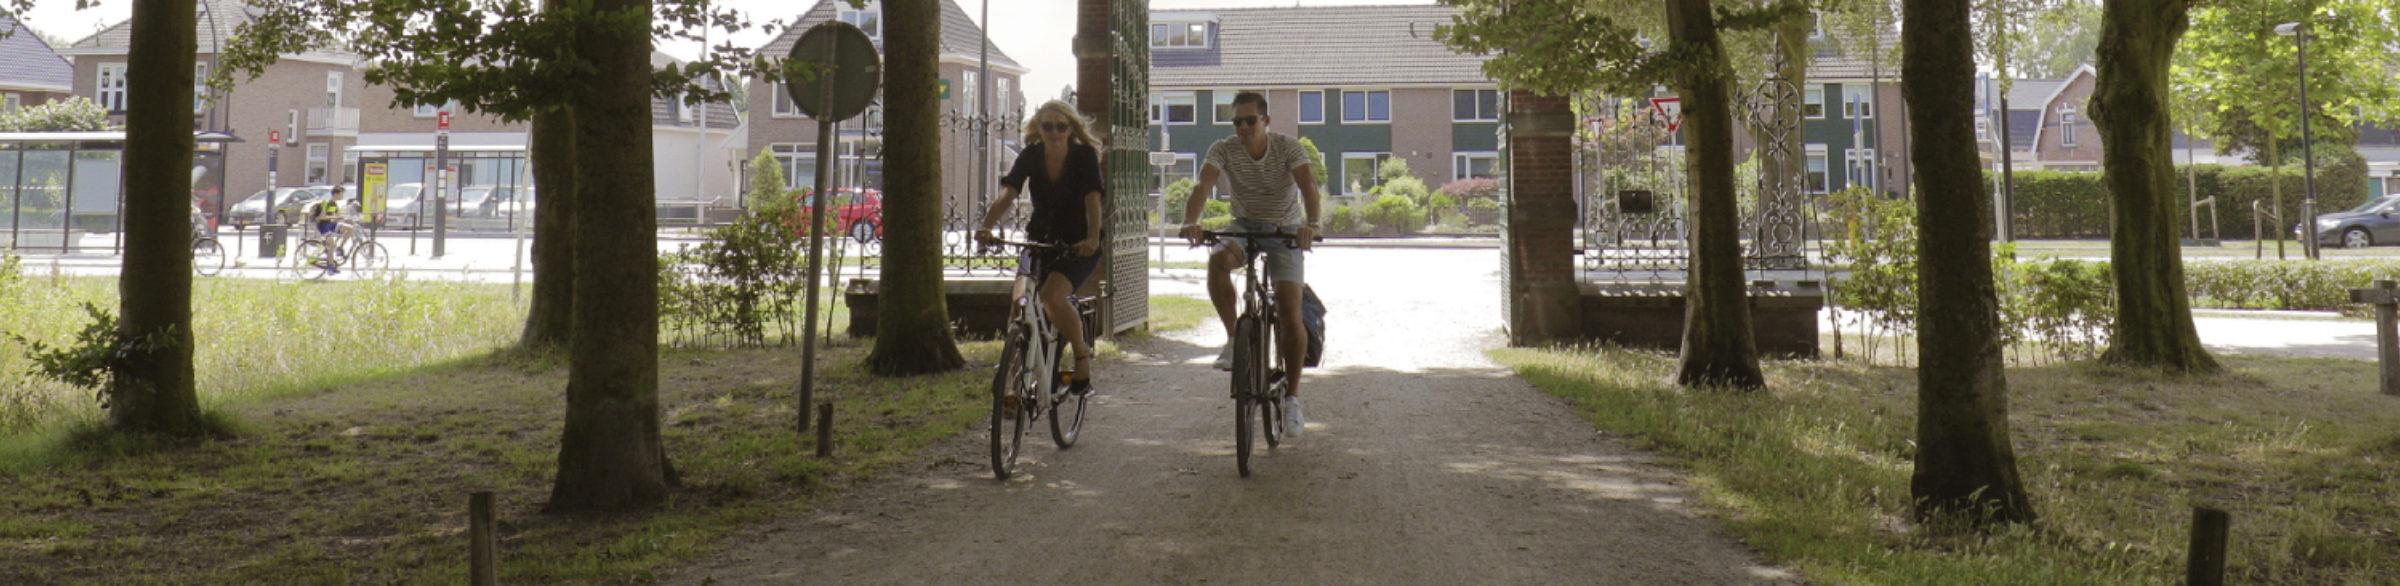 Ontdek enschede op de fiets 3101 1559564132 35hxj61869